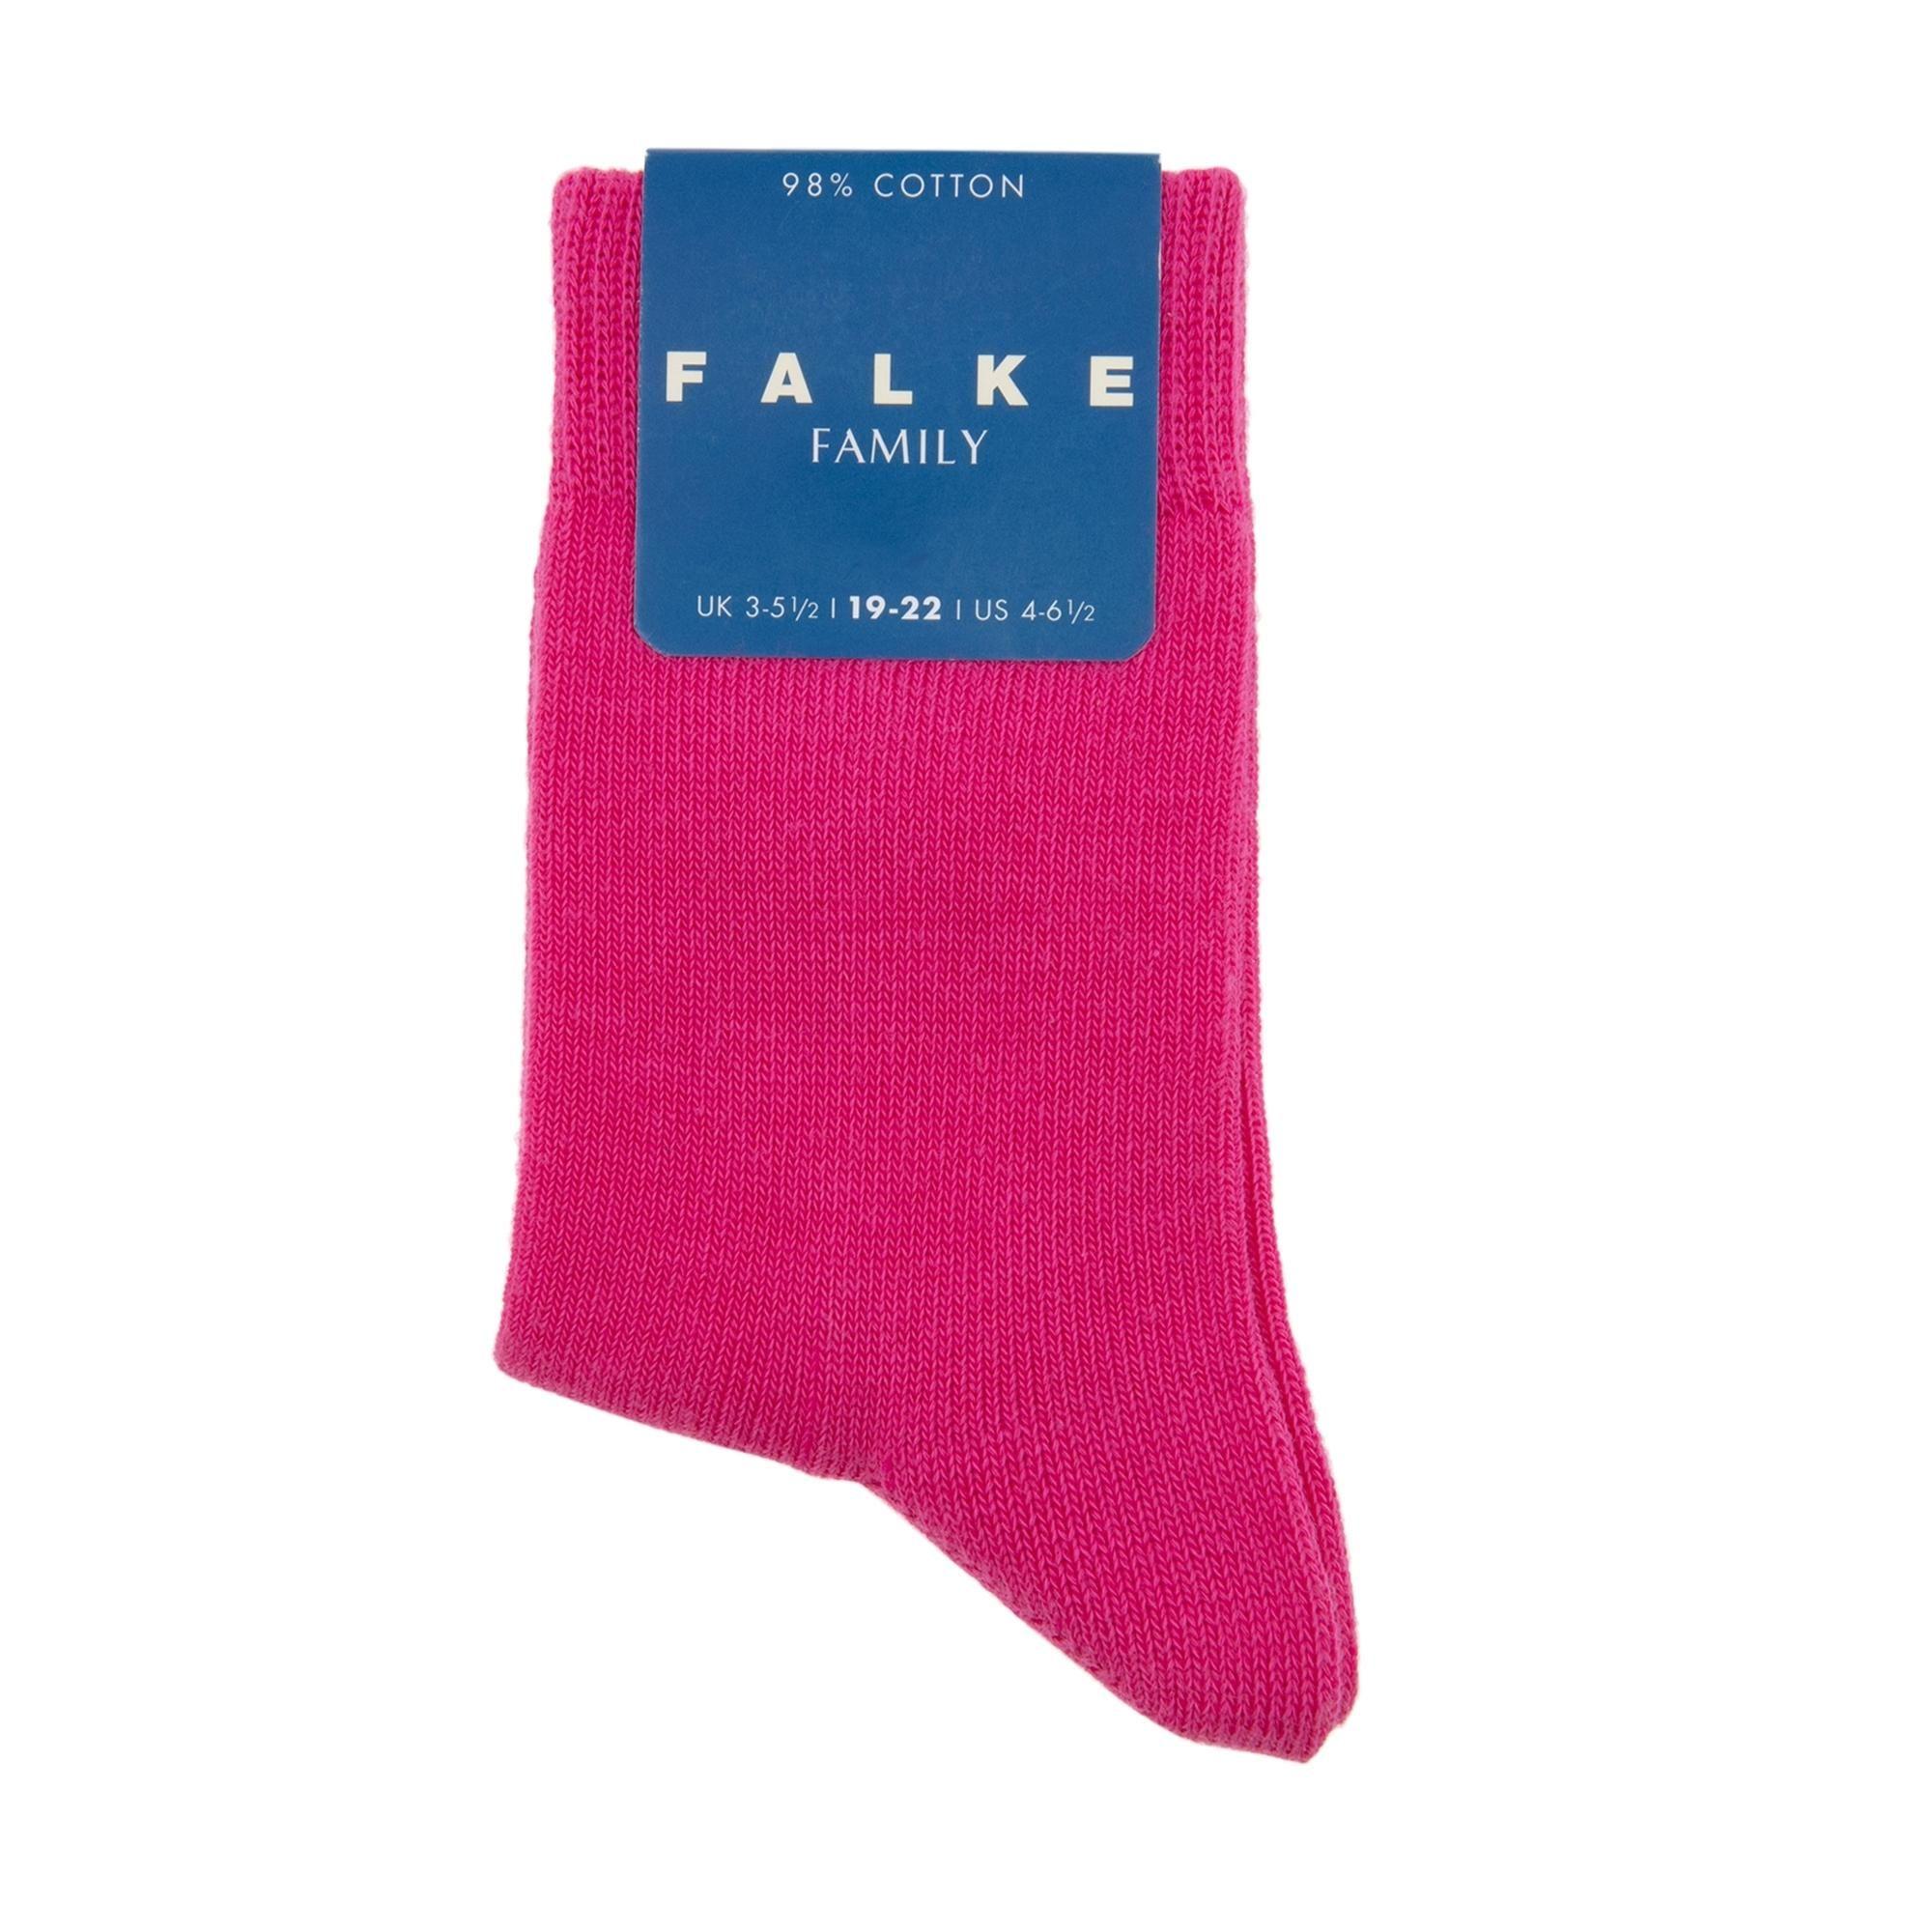 Family cotton blend socks